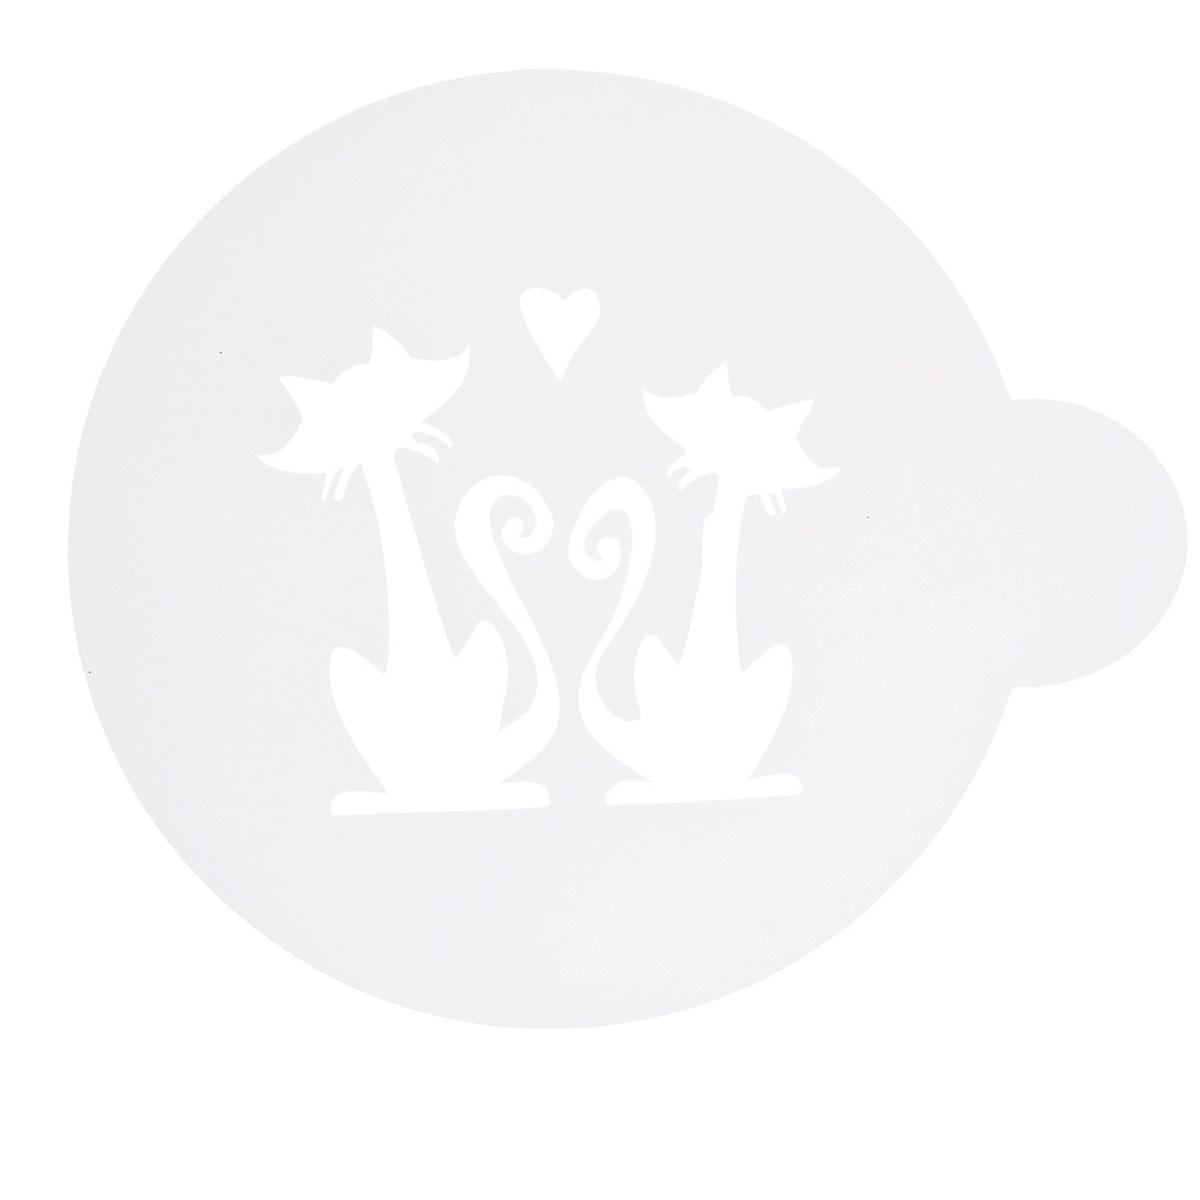 Трафарет на кофе и десерты Леденцовая фабрика Влюбленная парочка, диаметр 10 см54 009312Трафарет представляет собой пластину с прорезями, через которые пищевая краска (сахарная пудра, какао, шоколад, сливки, корица, дробленый орех) наносится на поверхность кофе, молочных коктейлей, десертов. Трафарет изготовлен из матового пищевого пластика 250 мкм и пригоден для контакта с пищевыми продуктами. Трафарет многоразовый. Побалуйте себя и ваших близких красиво оформленным кофе.